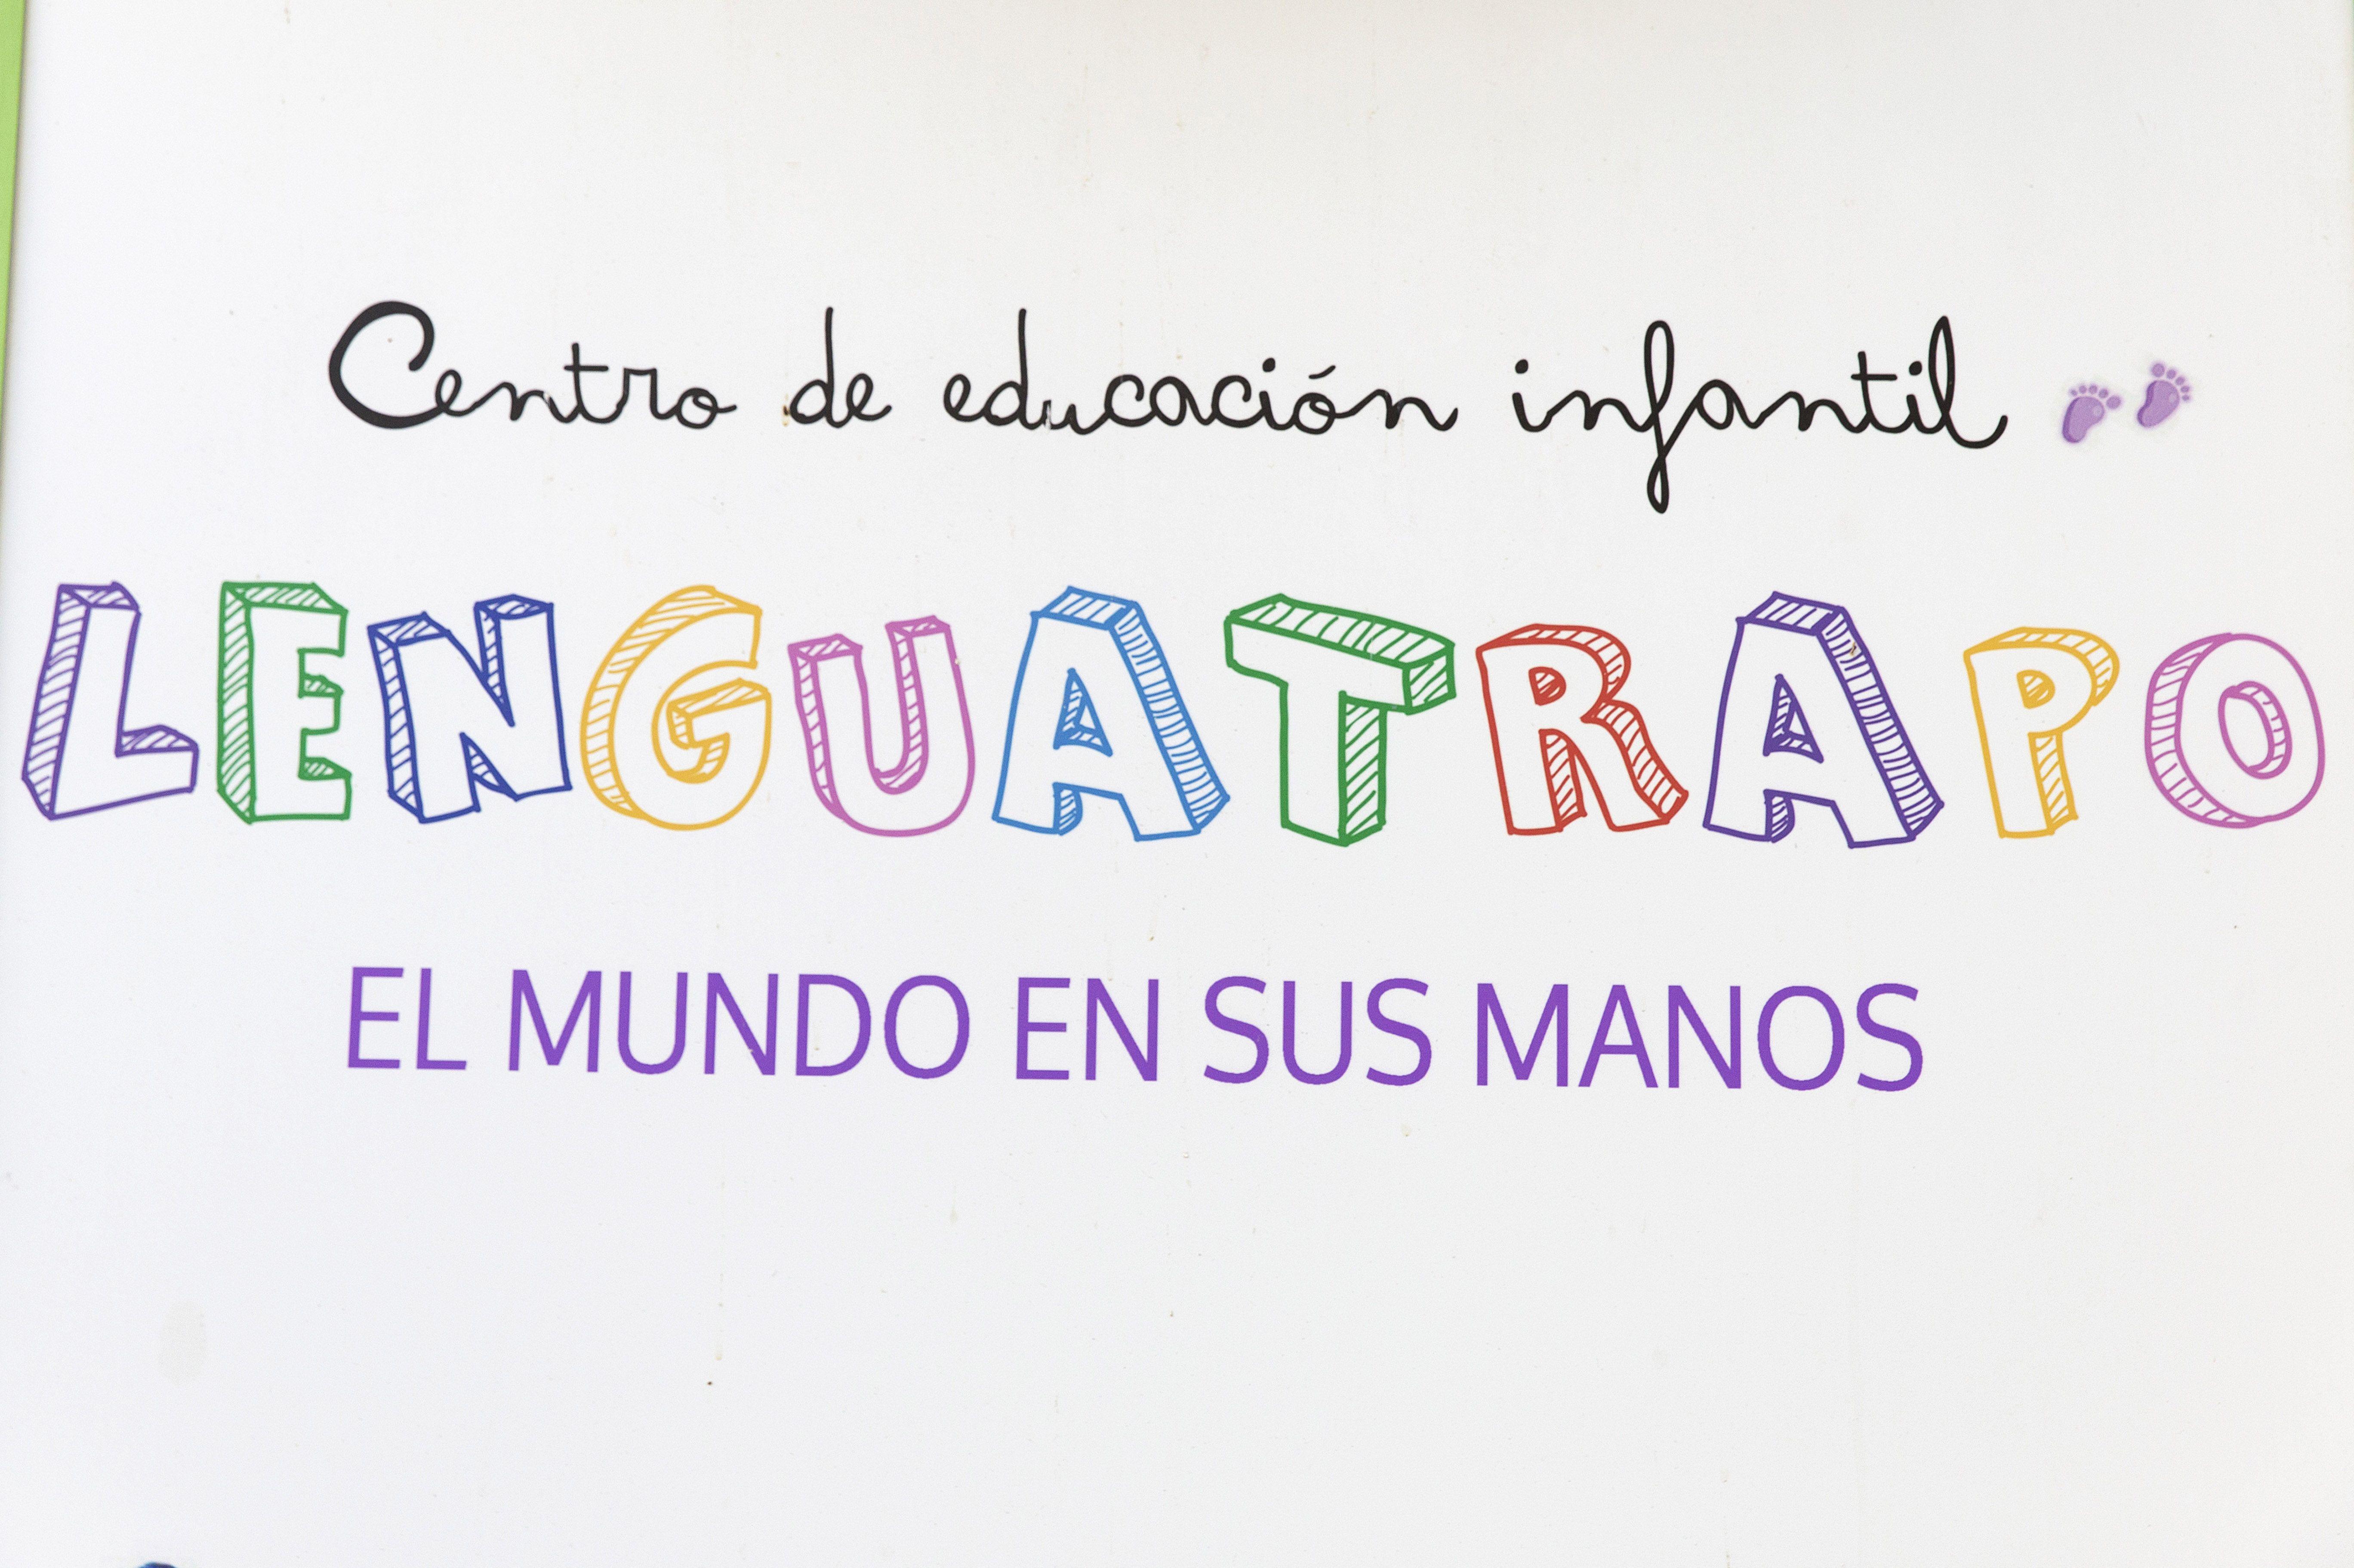 Lenguatrapo es un centro de educación infantil en Zaragoza